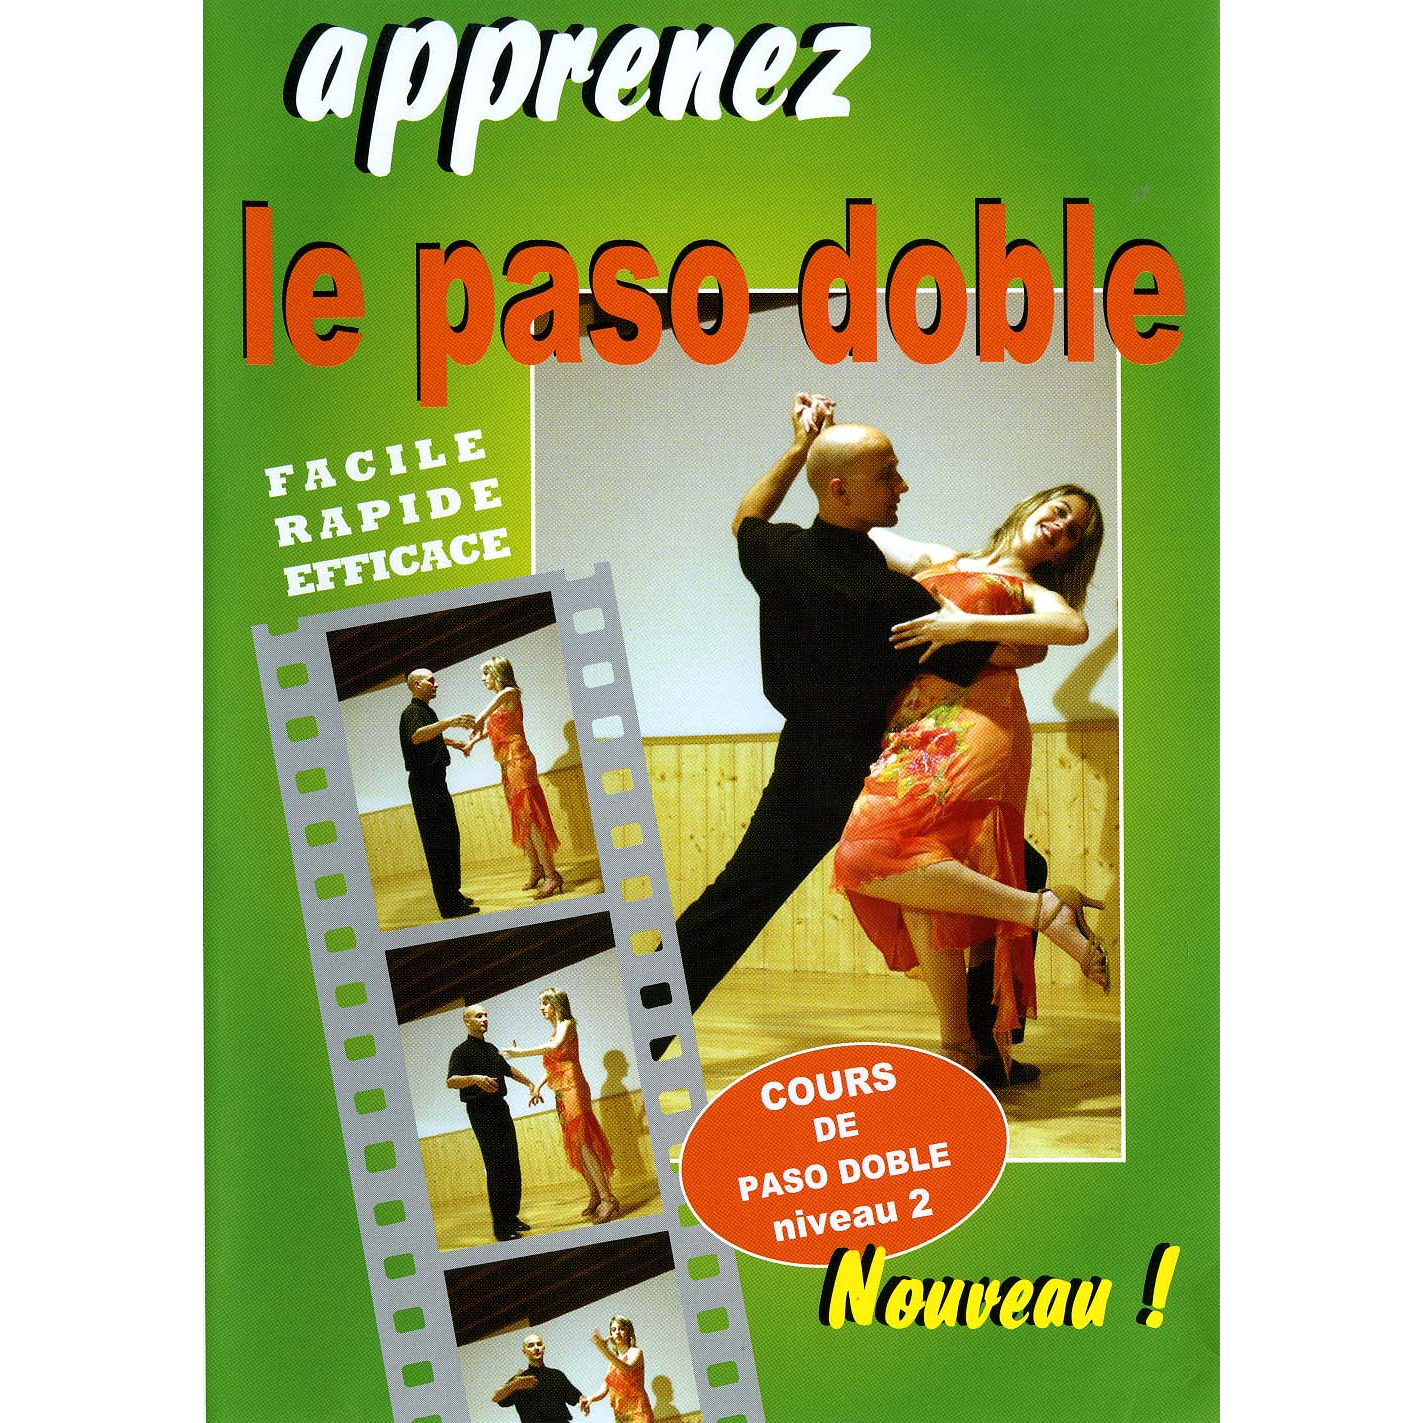 DVD tutoriel cours de paso doble niveau moyen, en 7 leçons. ARCADES JP117